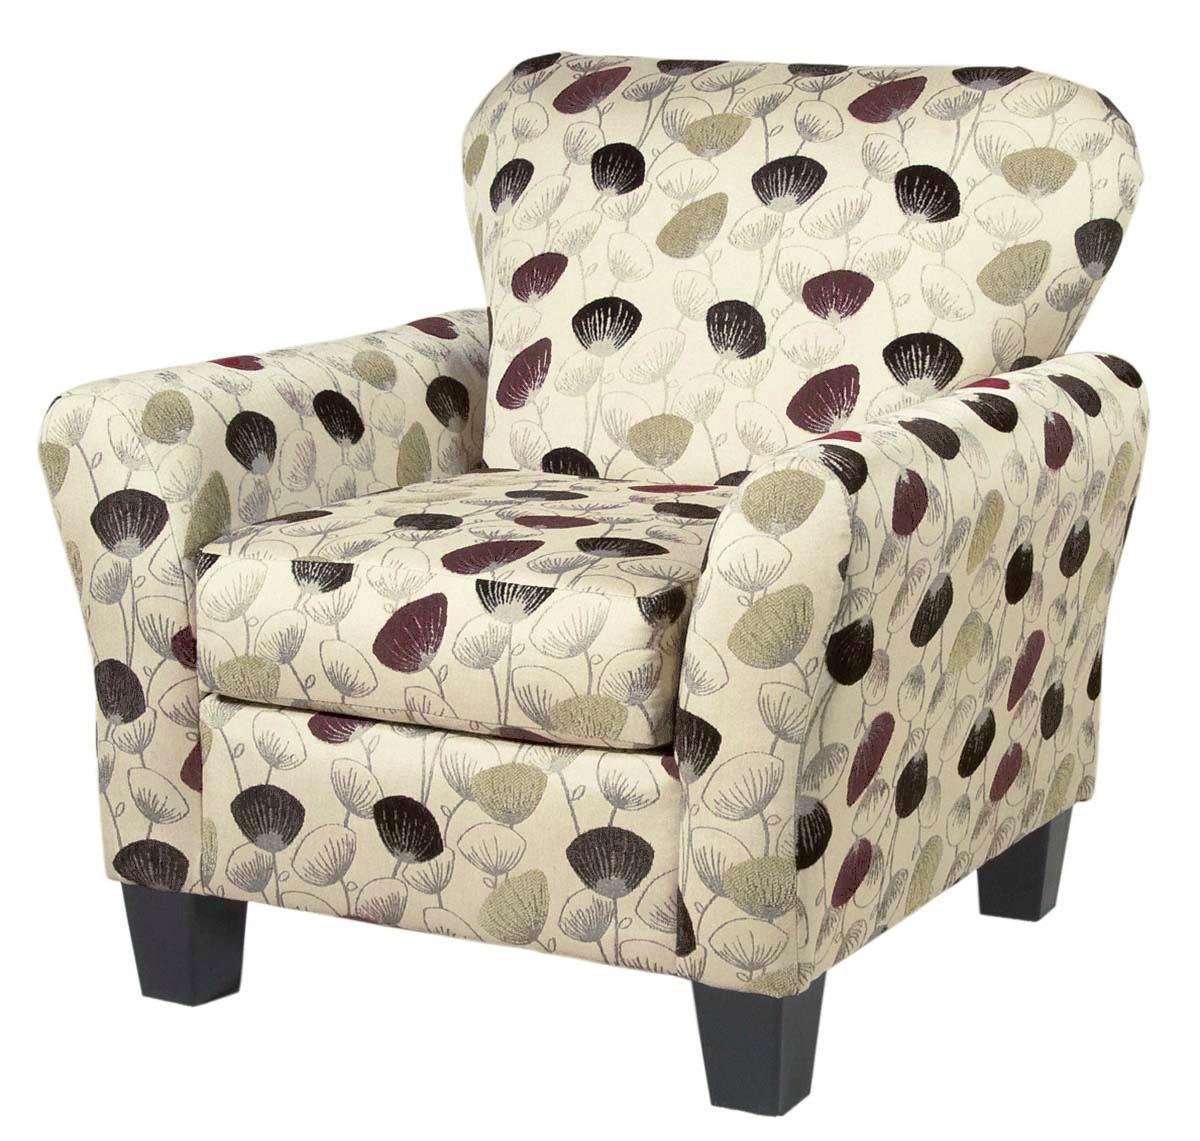 3010 Serta Accent Chair Rio